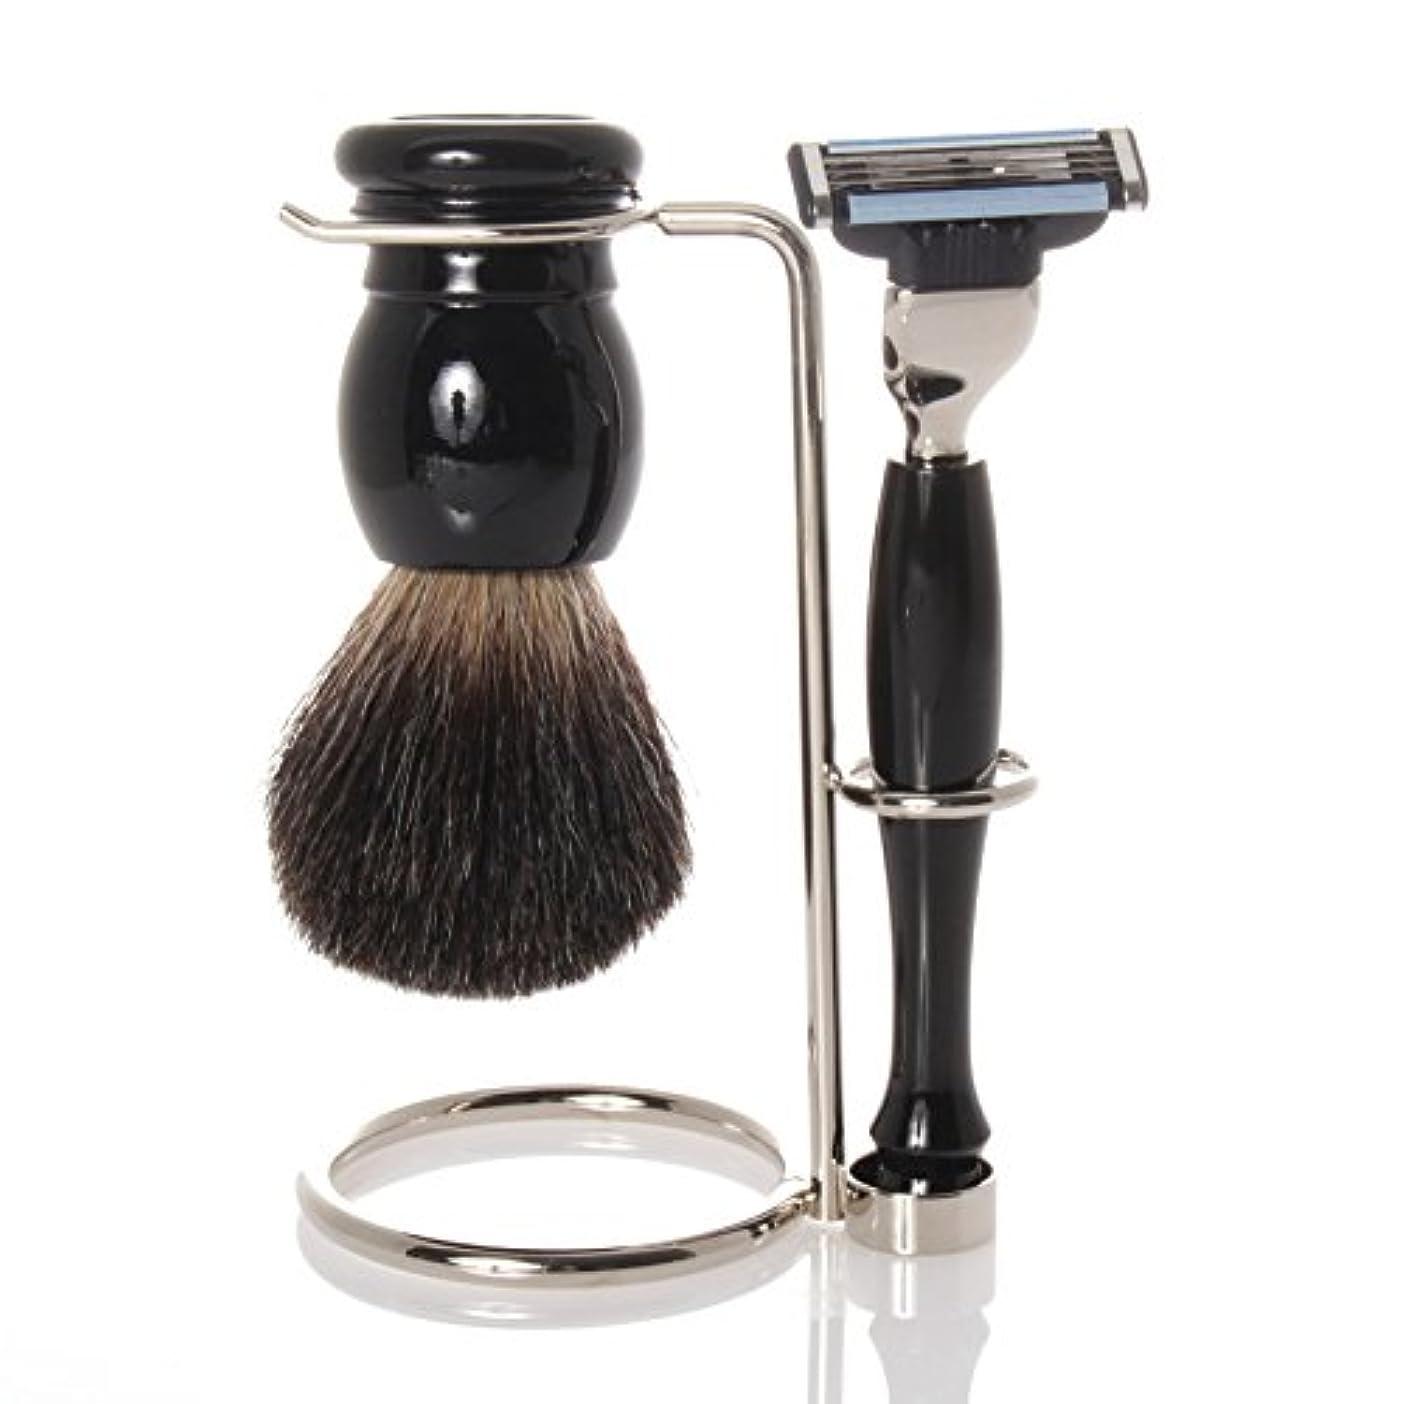 ブランド名講義一流Shaving set with holder, grey badger brush, razor - Hans Baier Exclusive